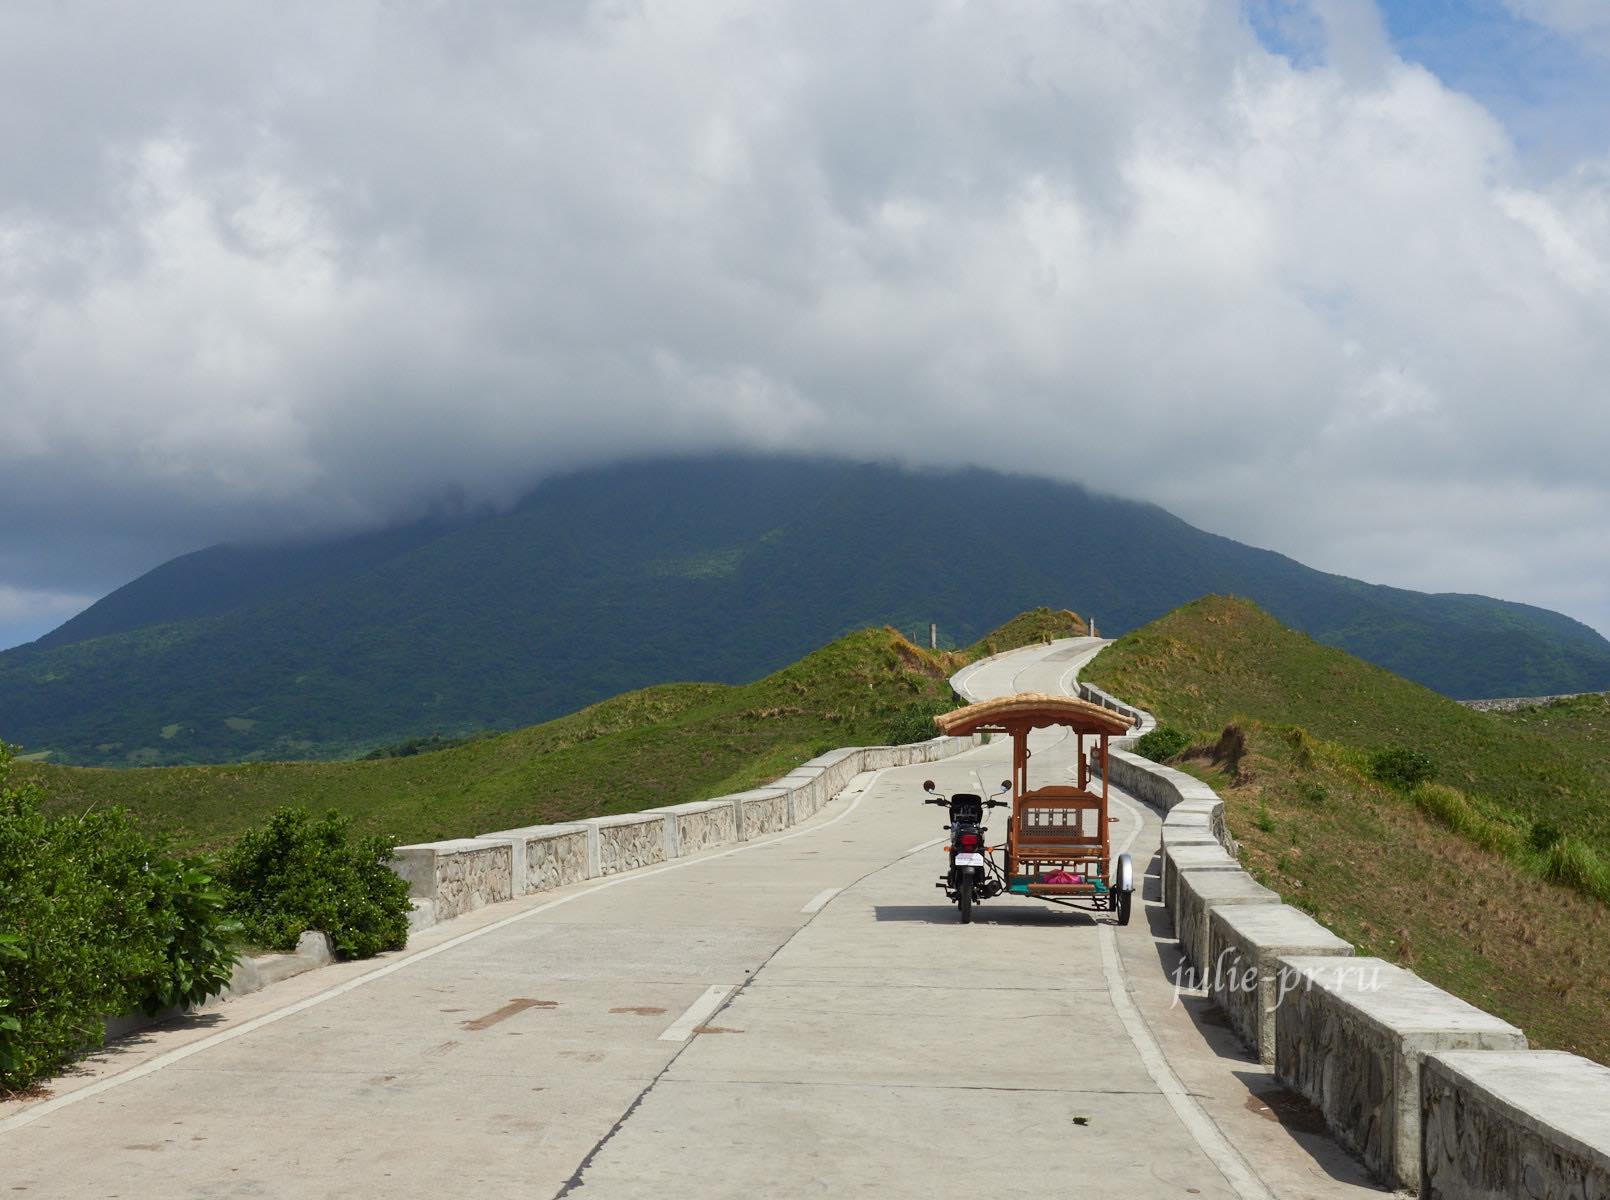 Филиппины, острова Батанес, трайсикл